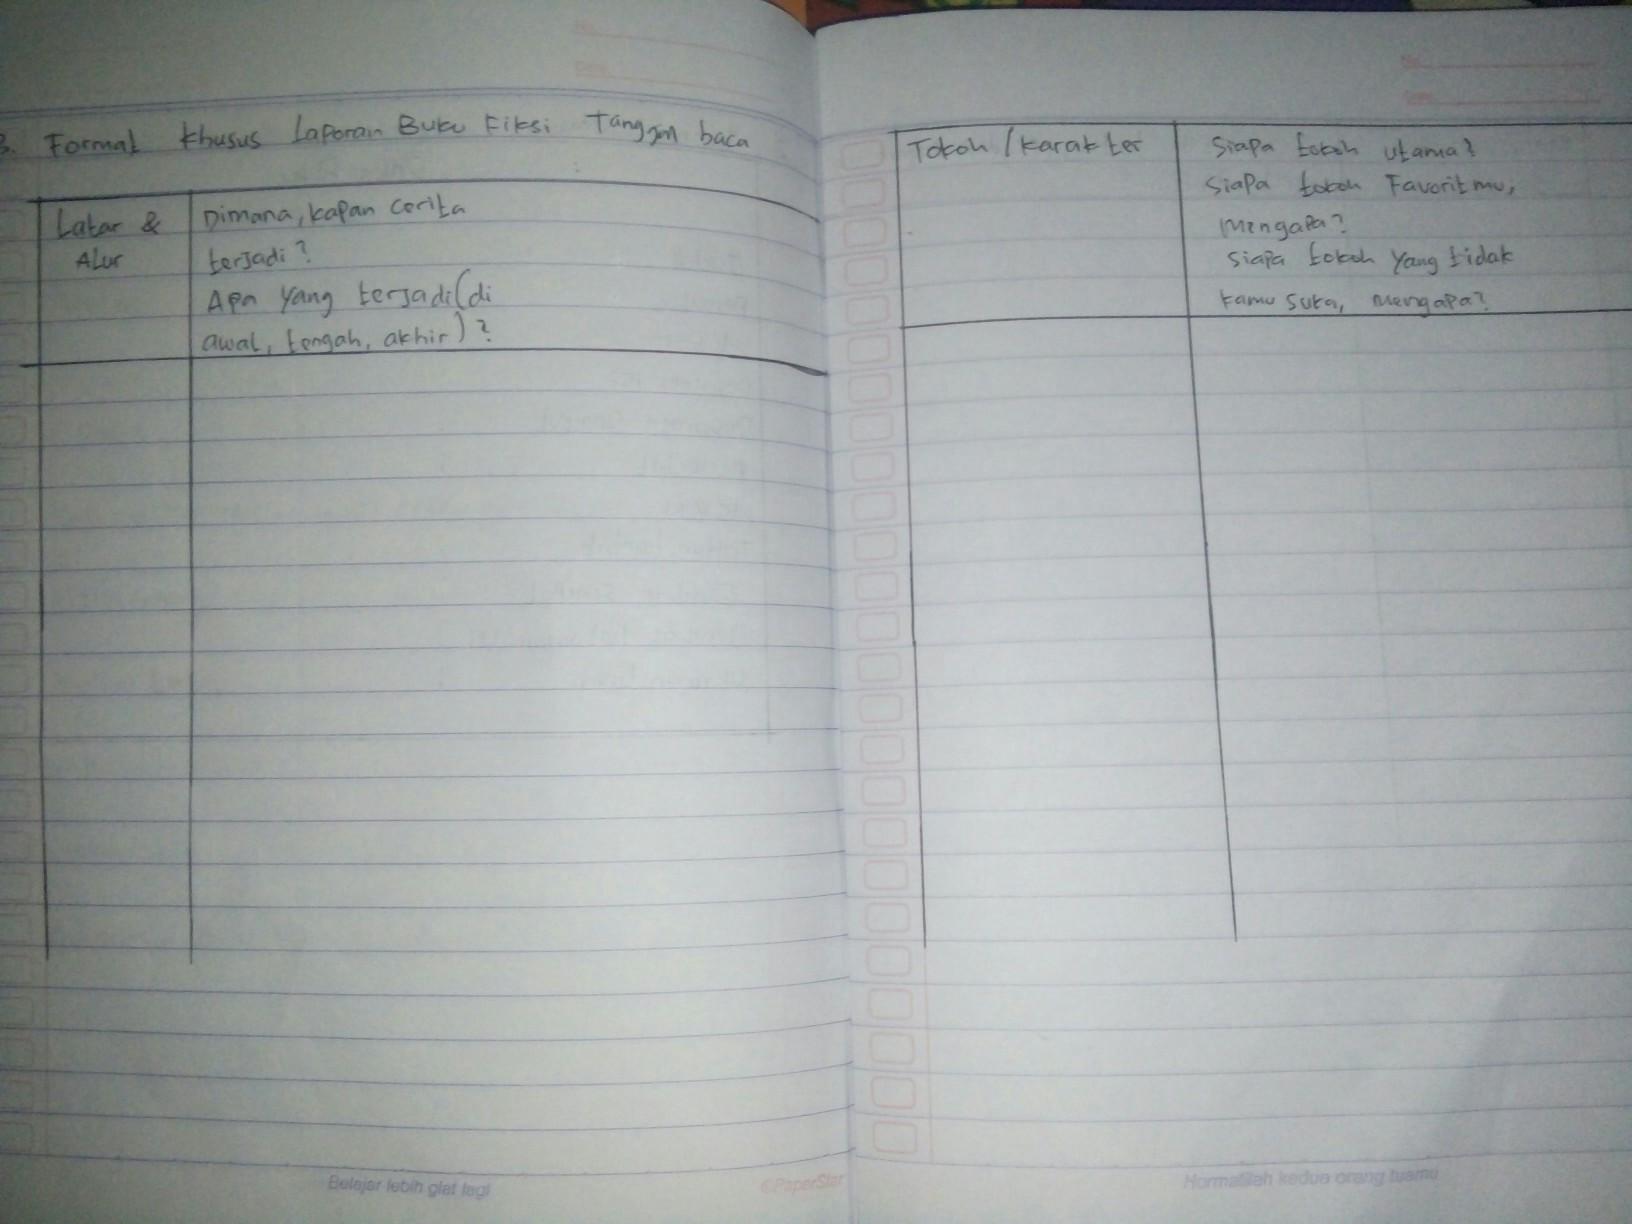 Format Khusus Laporan Buku Fiksi Tanggal Baca Brainly Co Id